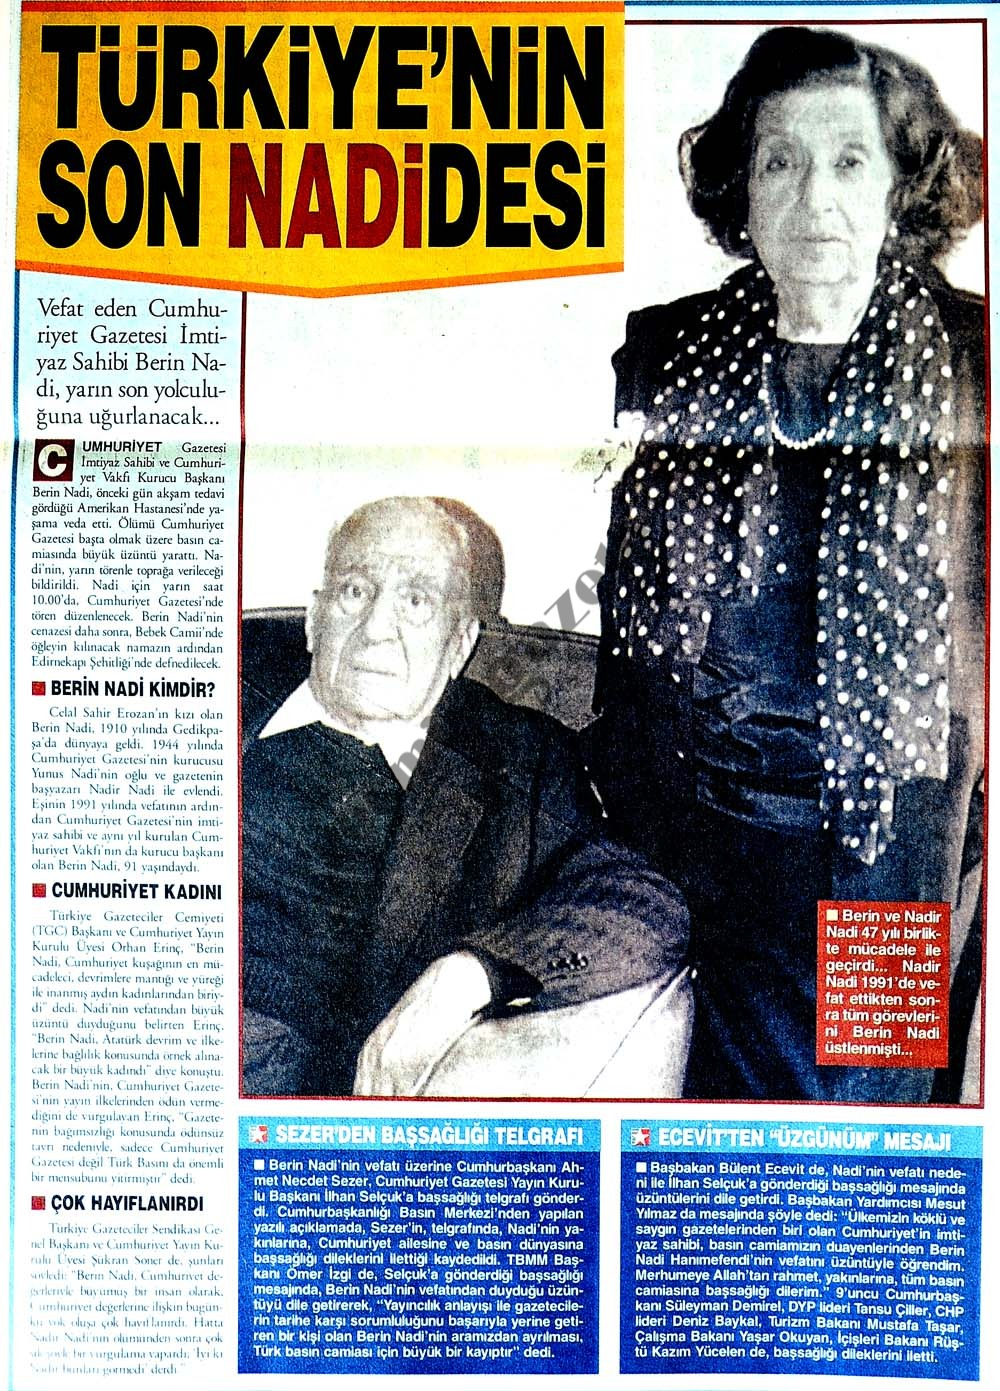 Türkiye'nin son nadidesi